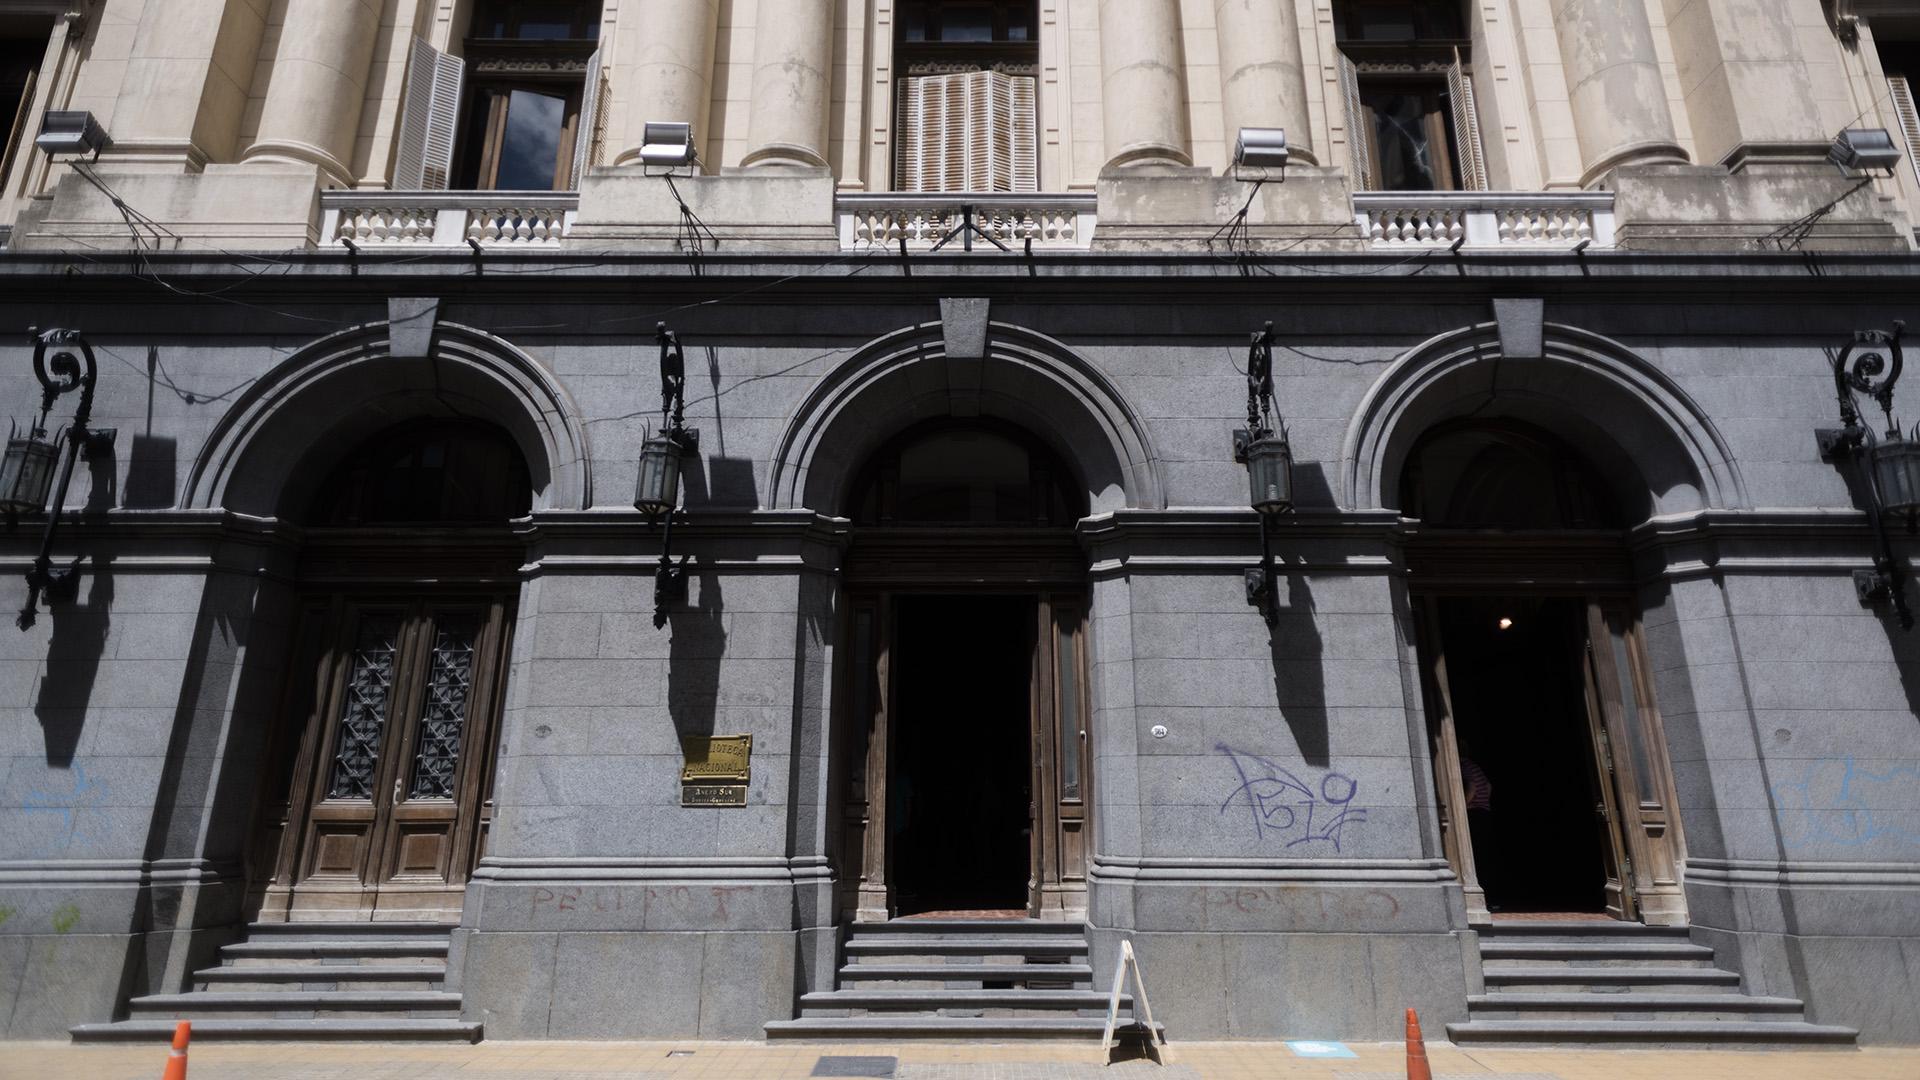 El Instituto Superior Octubre fue realizado por los Arquitectos Gabriel Lanosa y Josu Gonzalez Ruiz